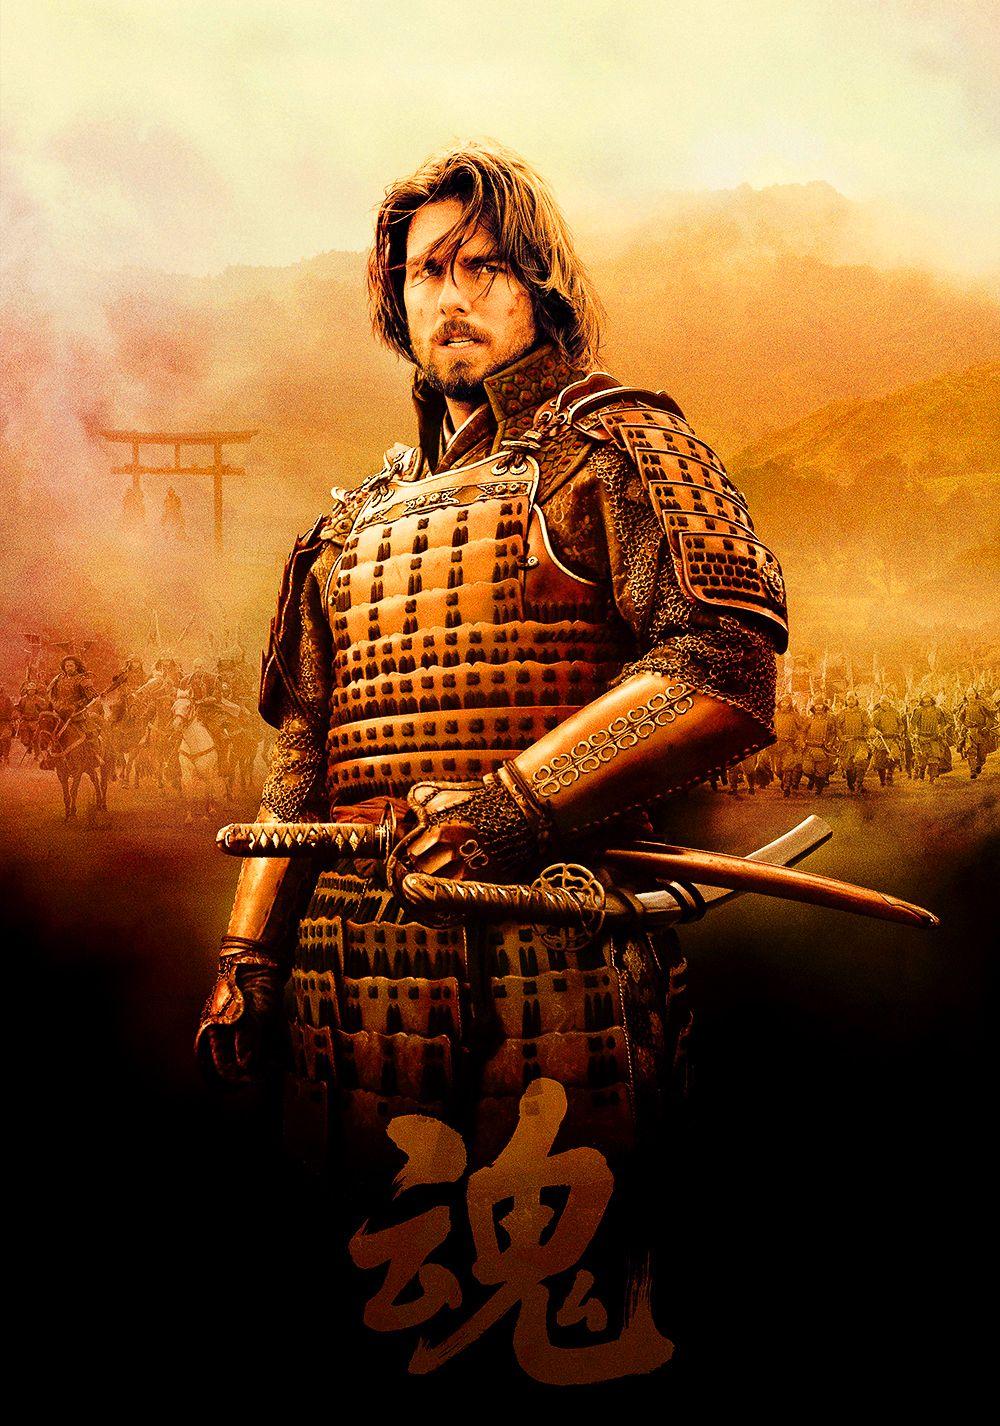 Last Samurai The last samurai, Warrior movie, Full movies